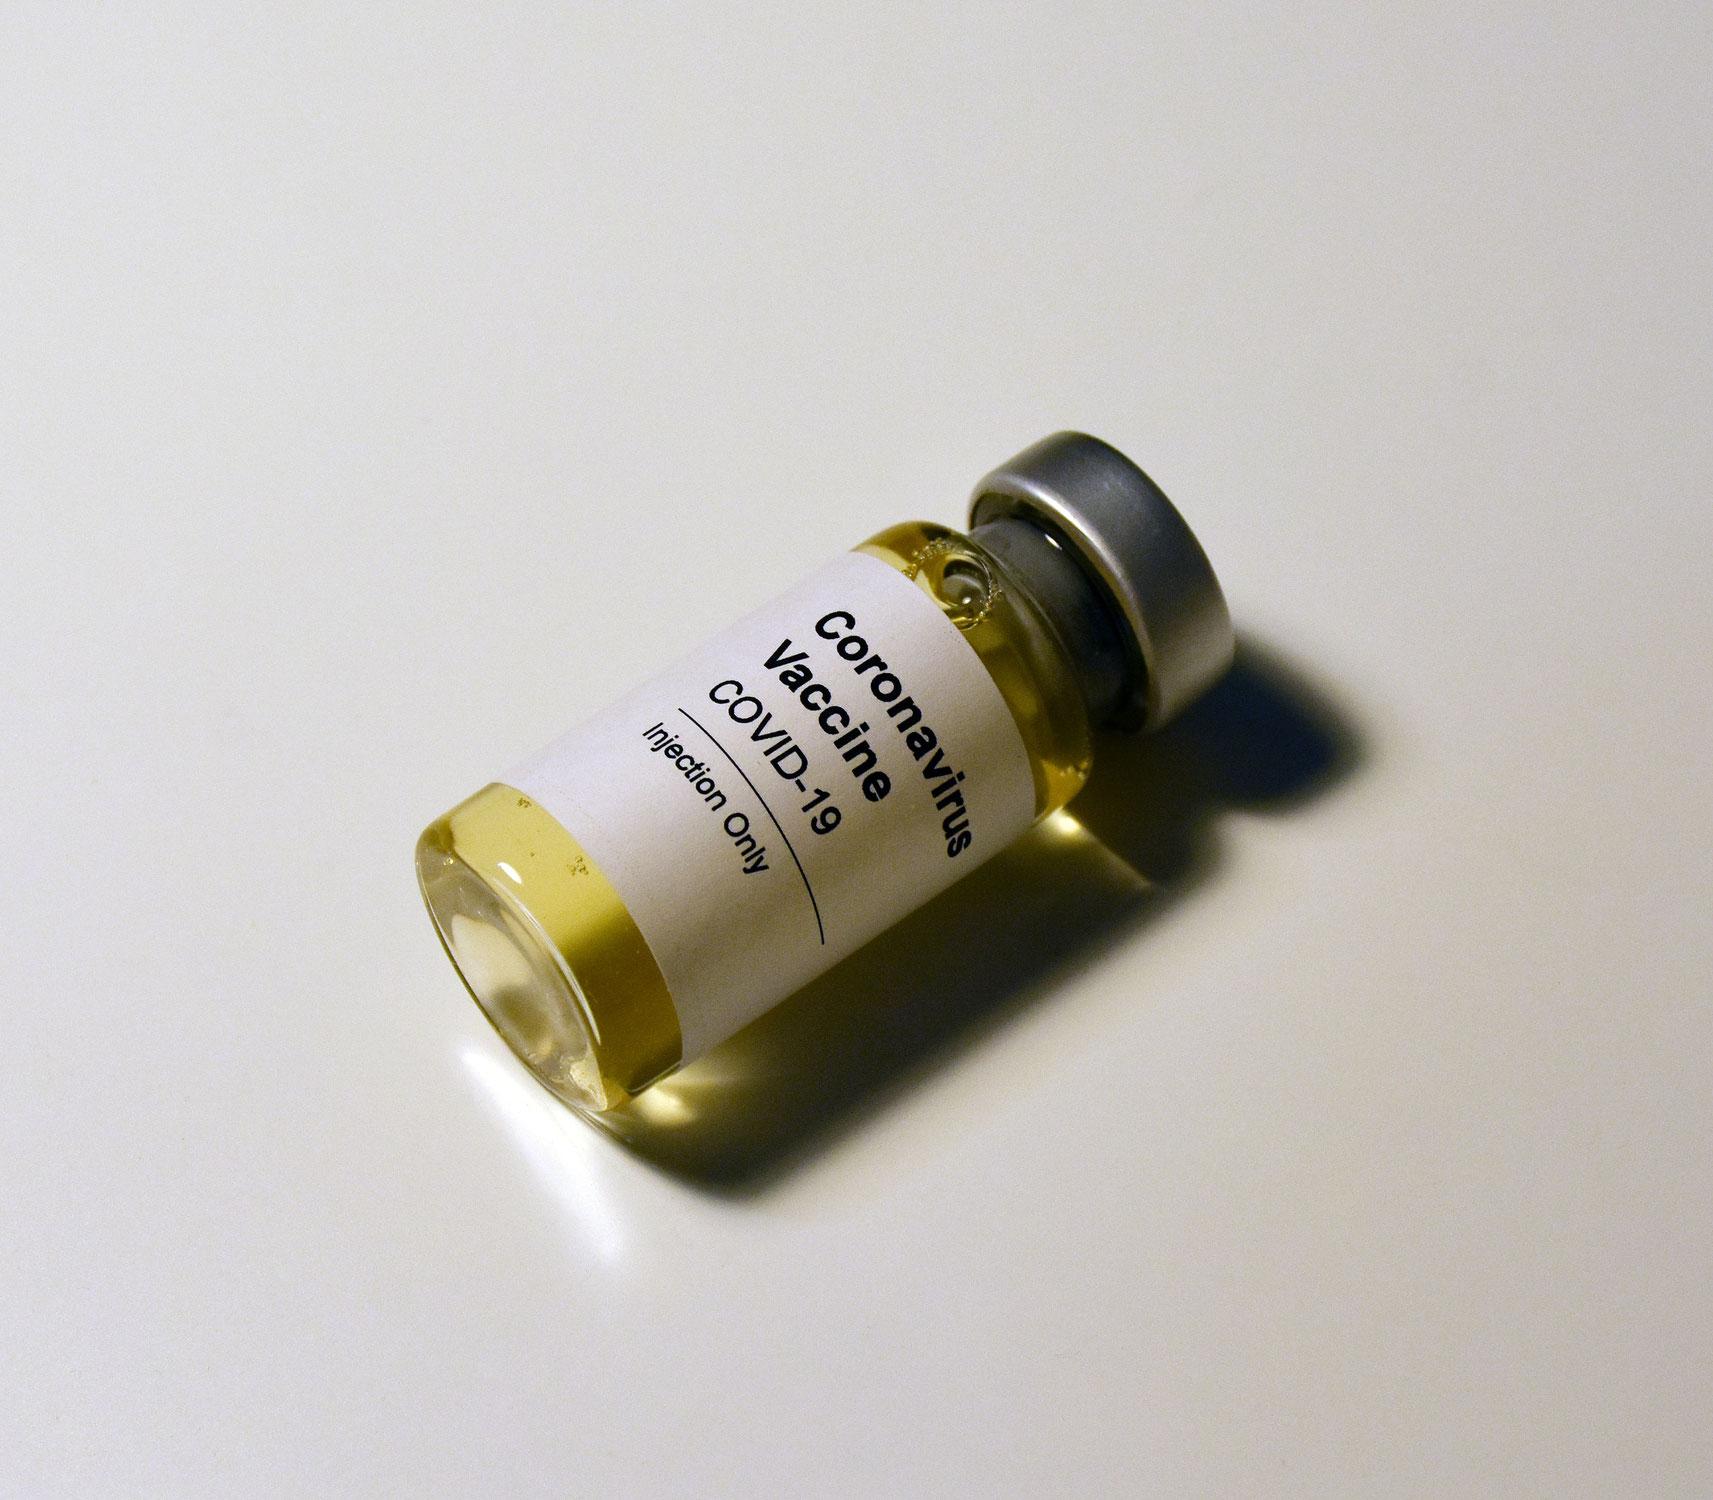 Arztpraxen auf Corona-Impfung vorbereiten